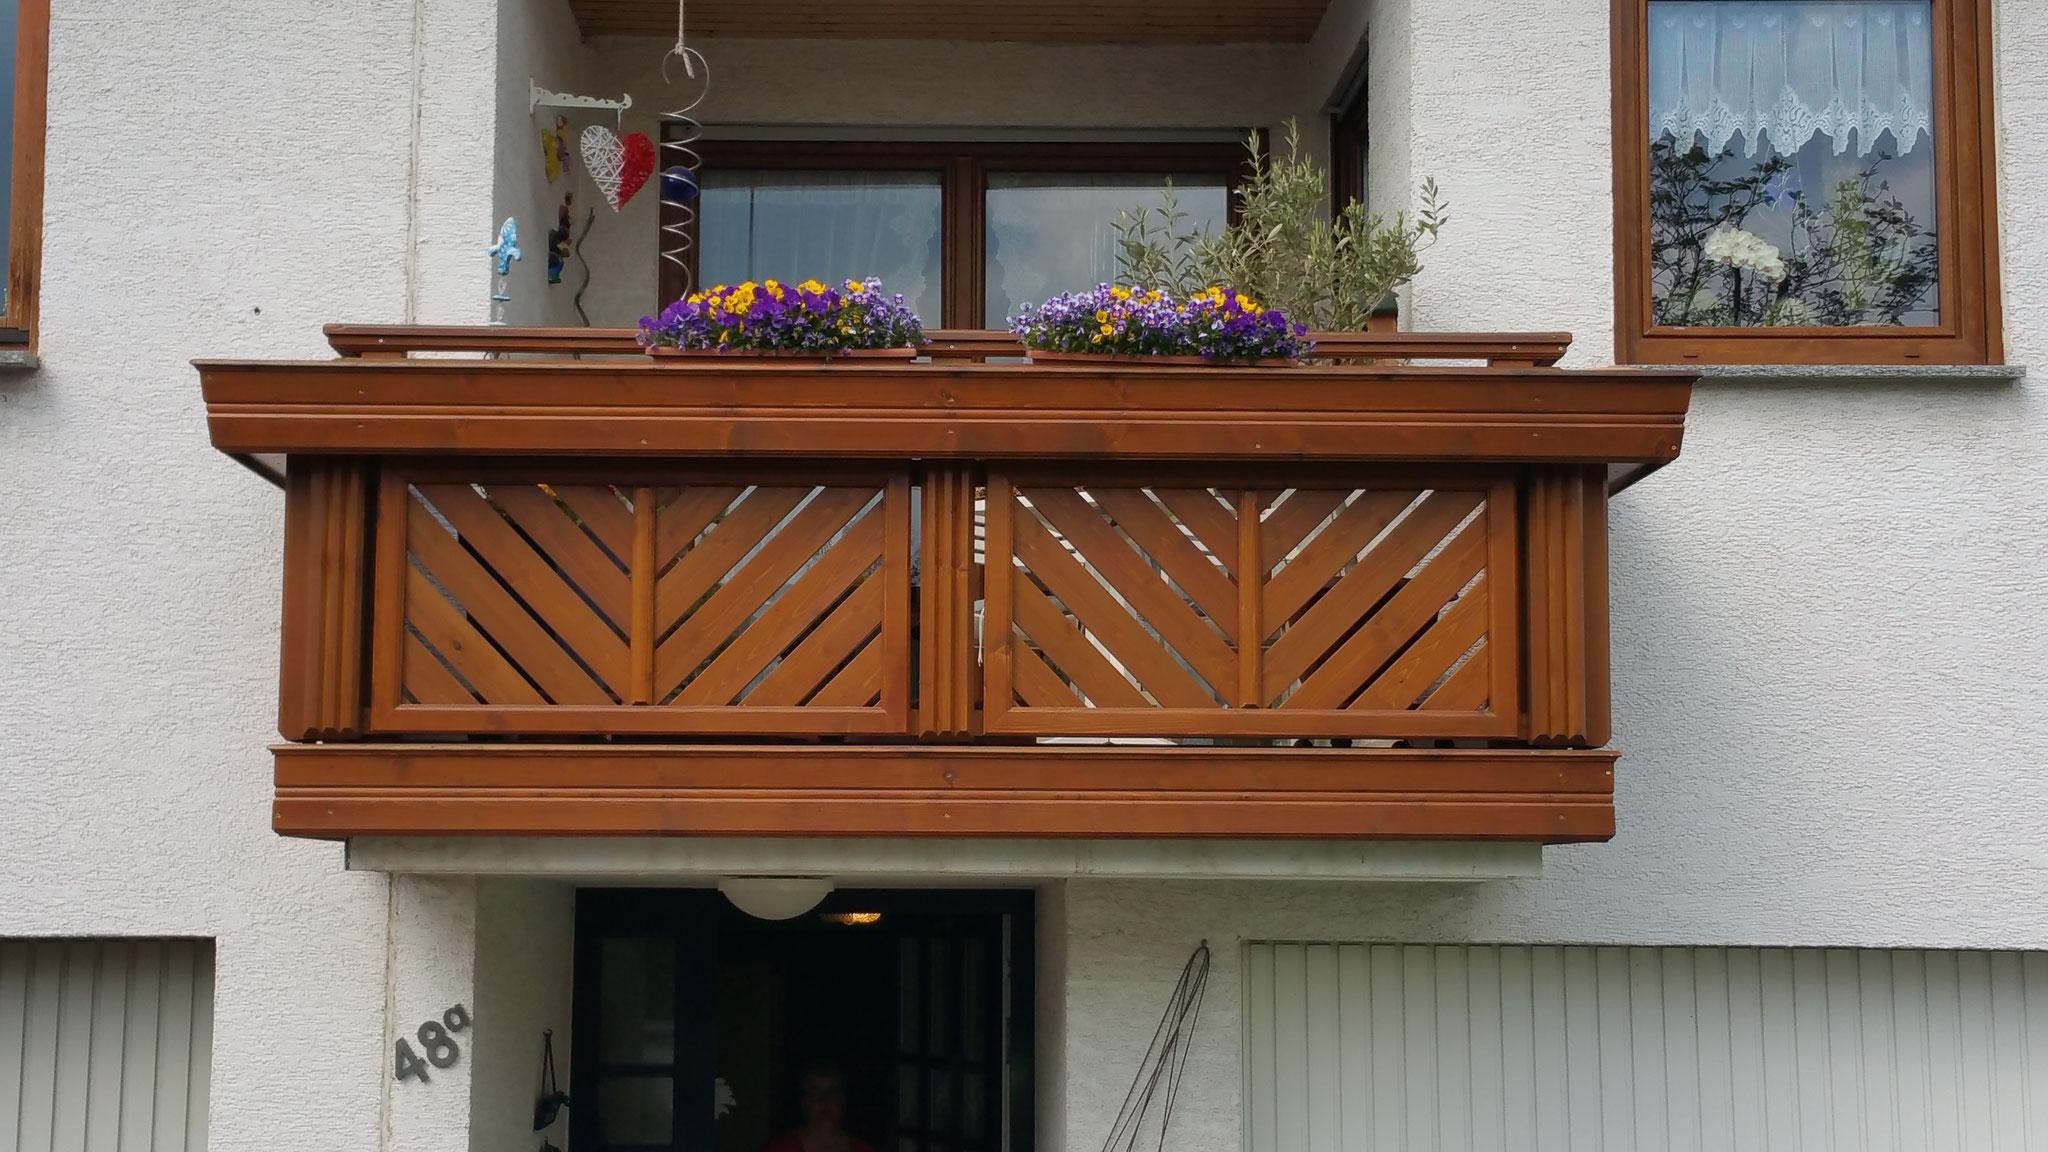 Holz Balkongeländer St. Pölten.